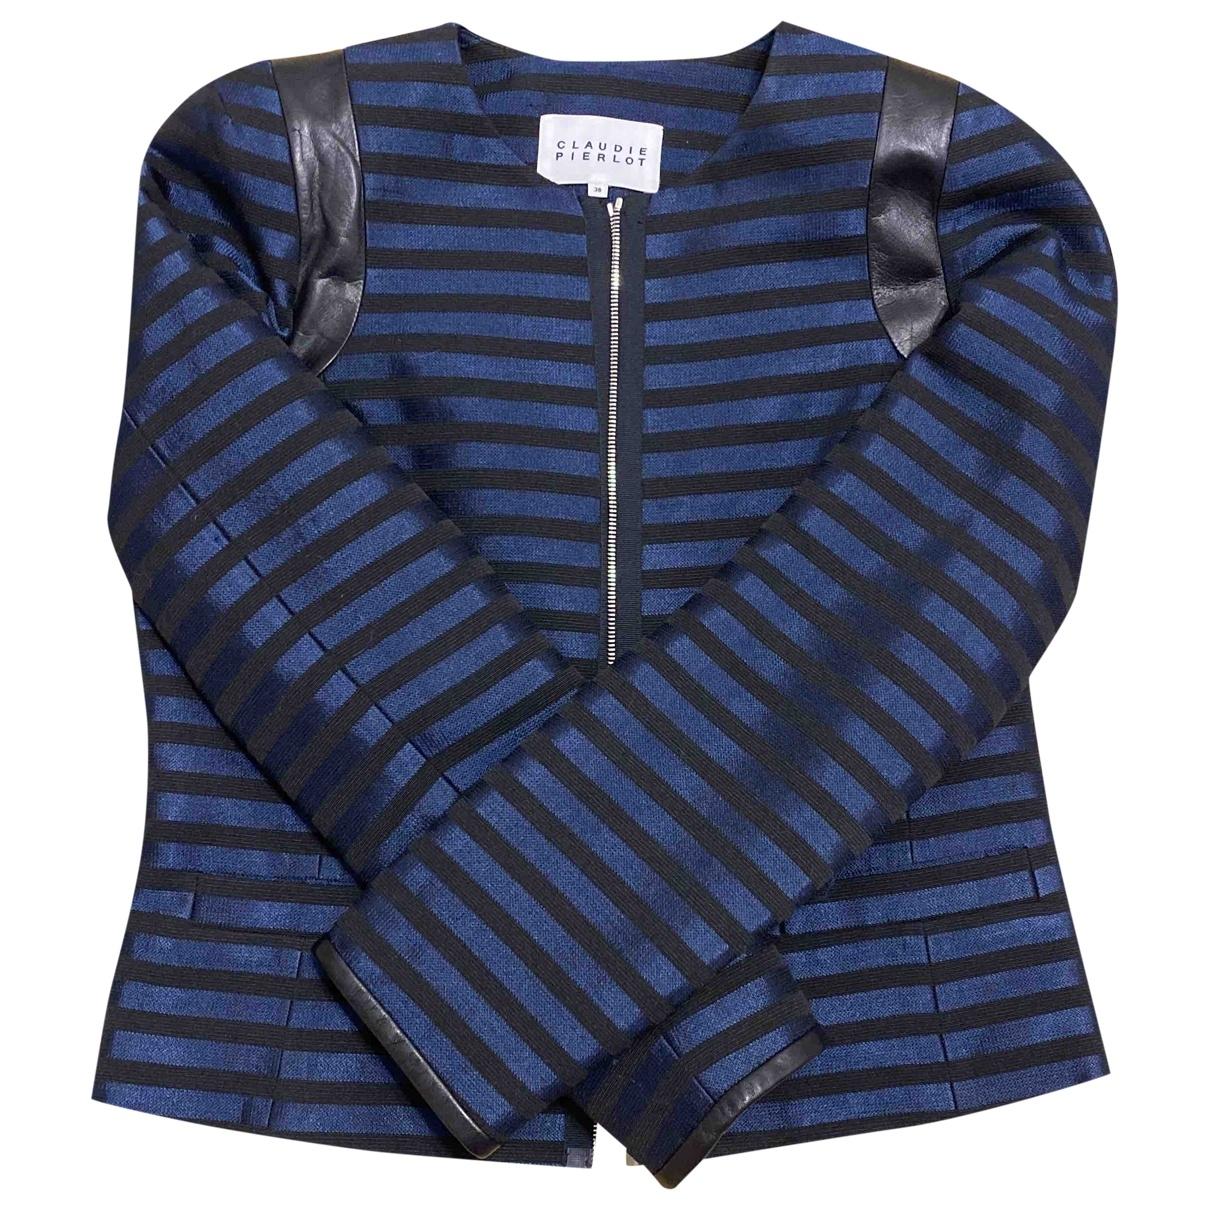 Claudie Pierlot \N Jacke in  Blau Polyester